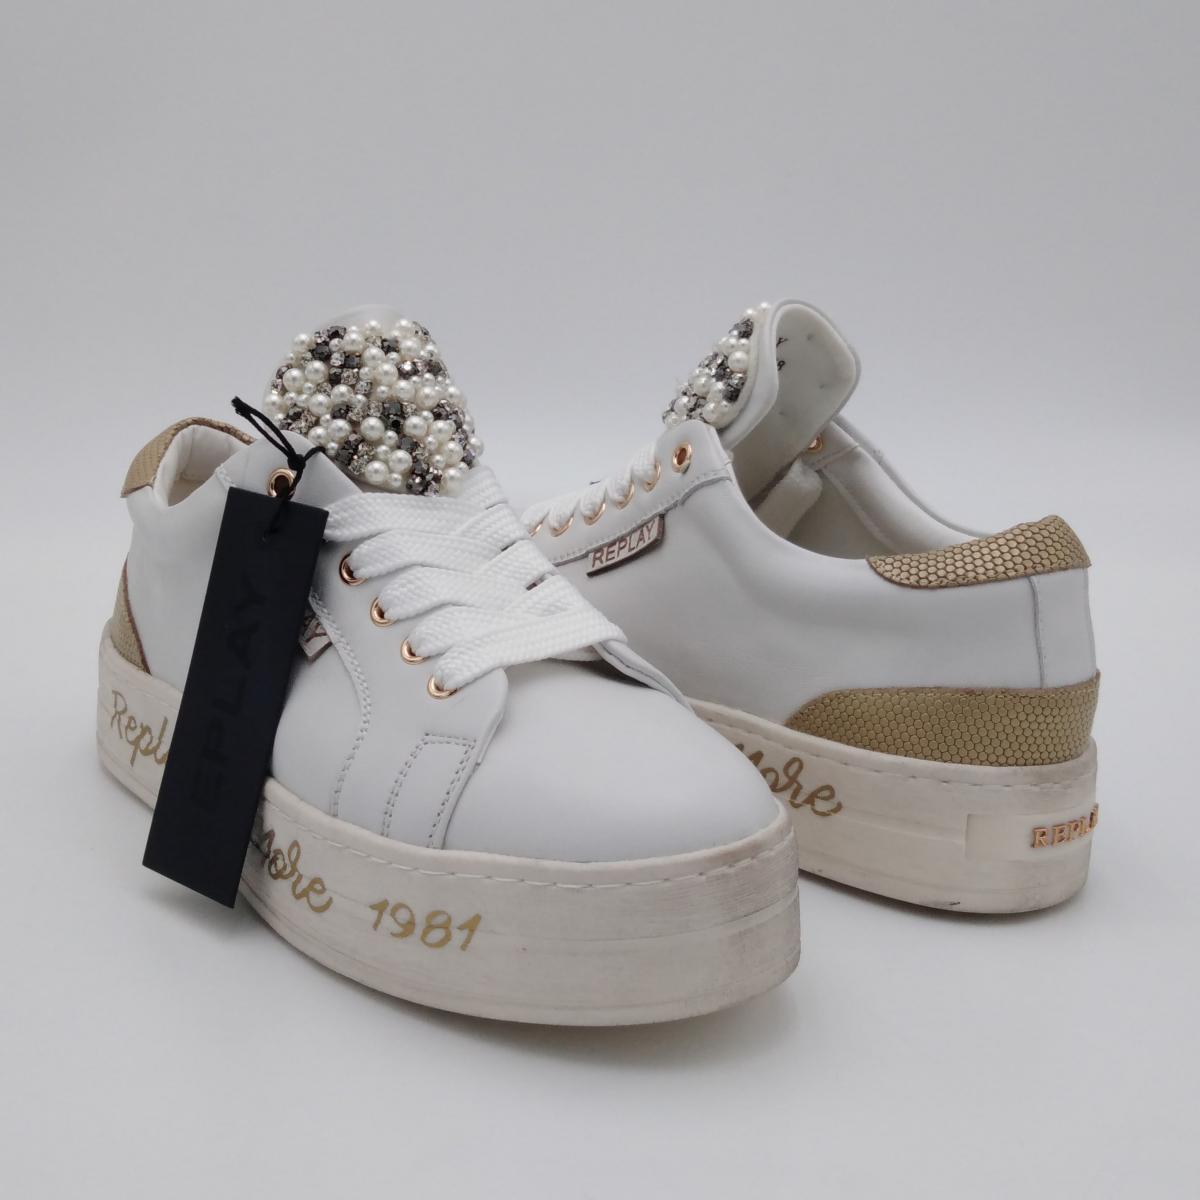 Replay Virden -Sneaker...